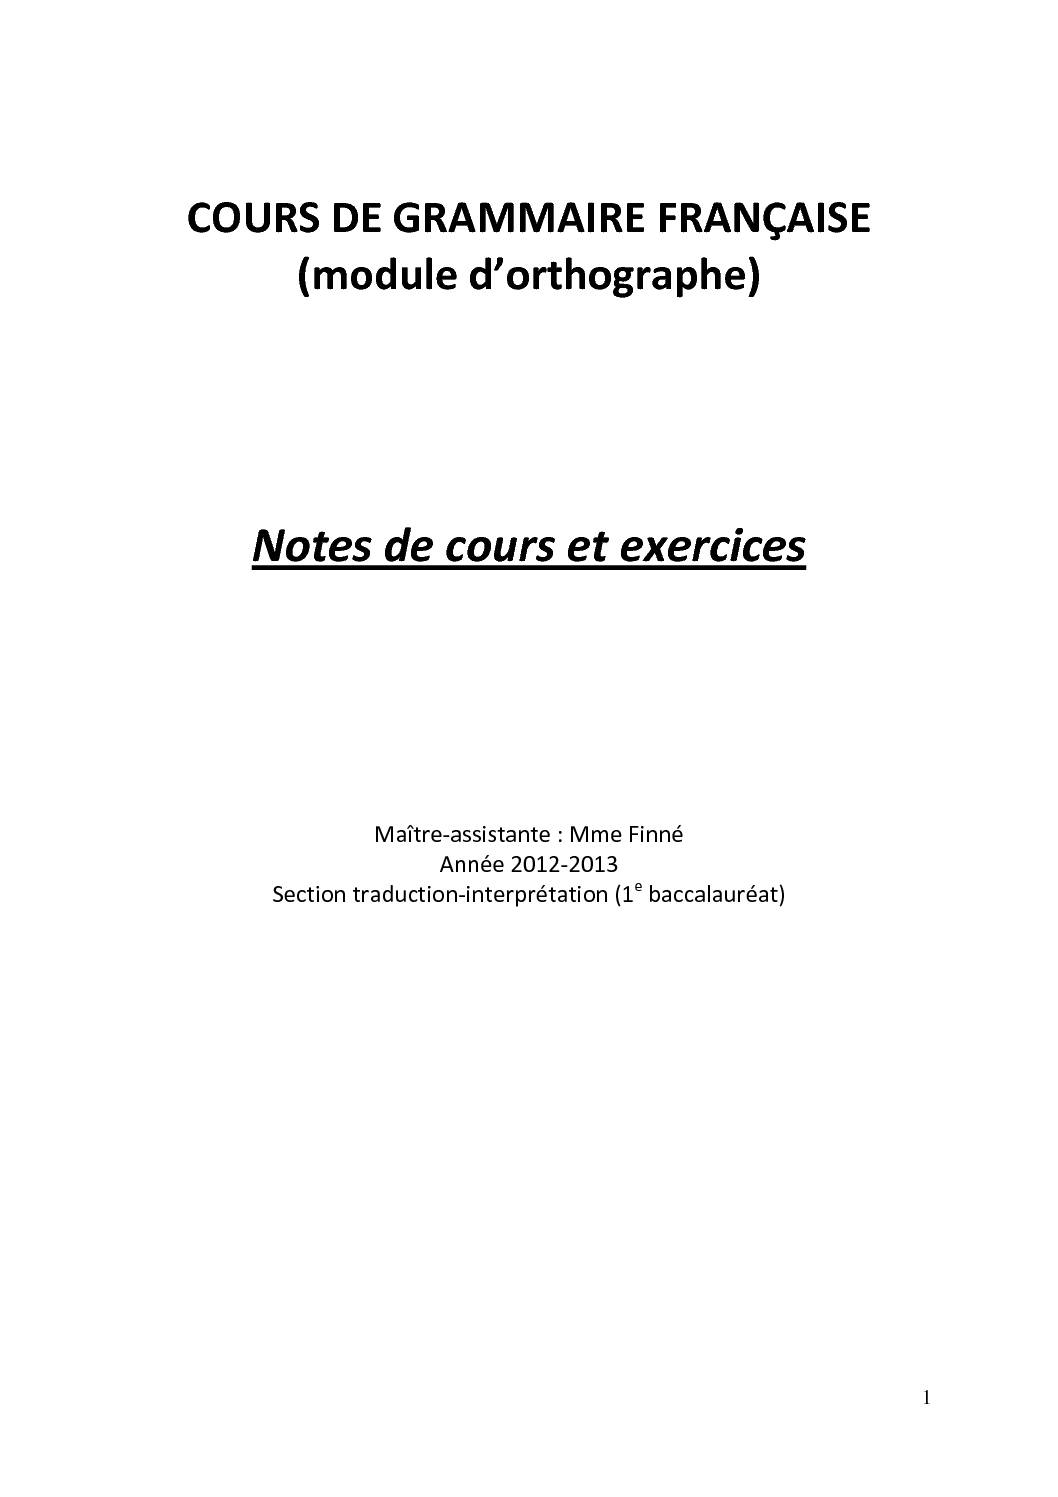 Grammaire francaise Notes de cours et exercices